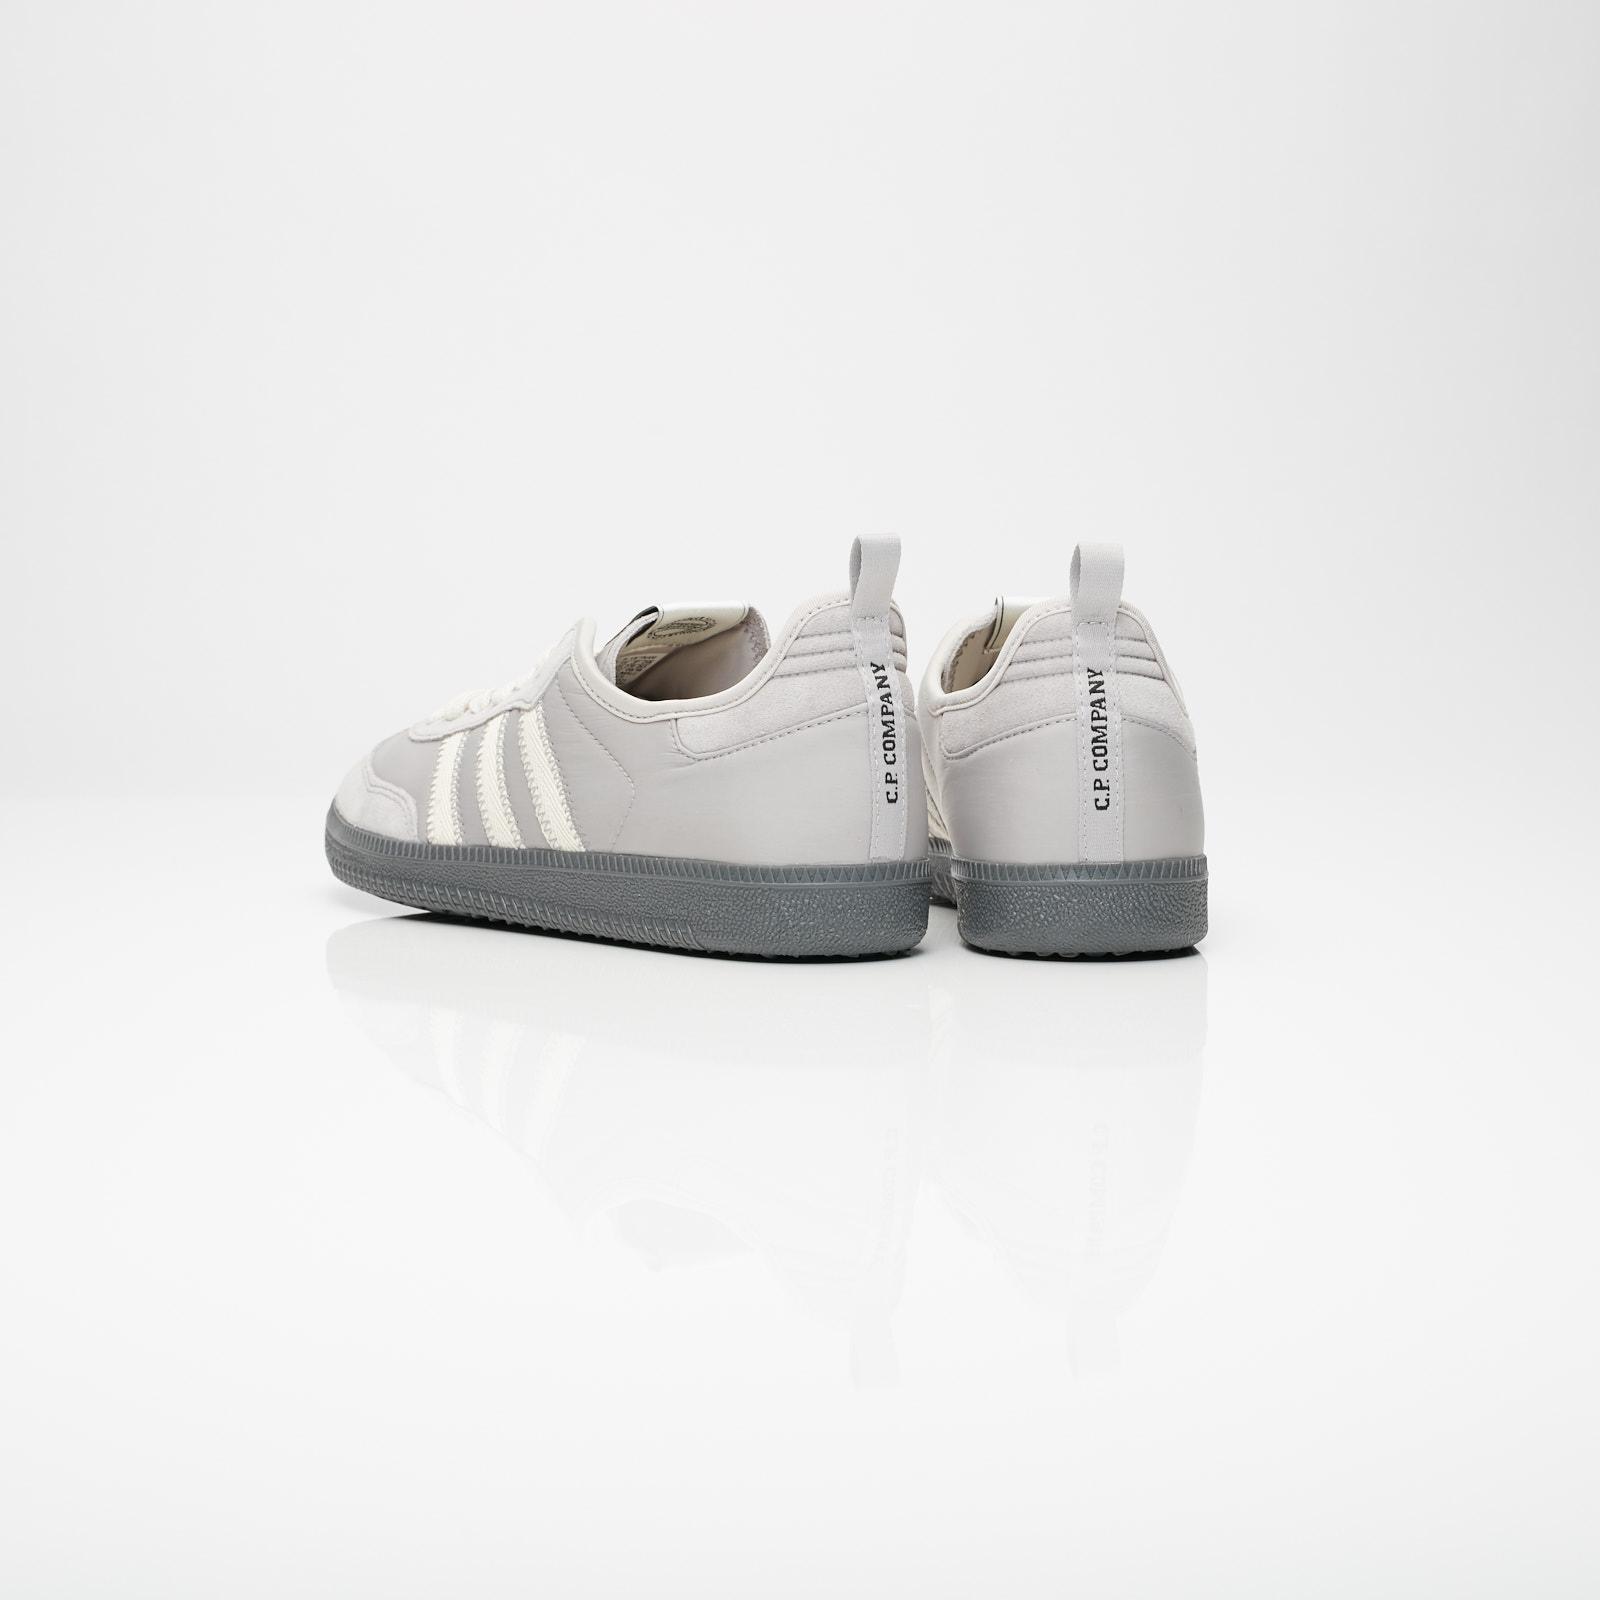 super popular fd118 5e279 adidas Samba x C.P. Company - F33870 - Sneakersnstuff   sneakers    streetwear på nätet sen 1999